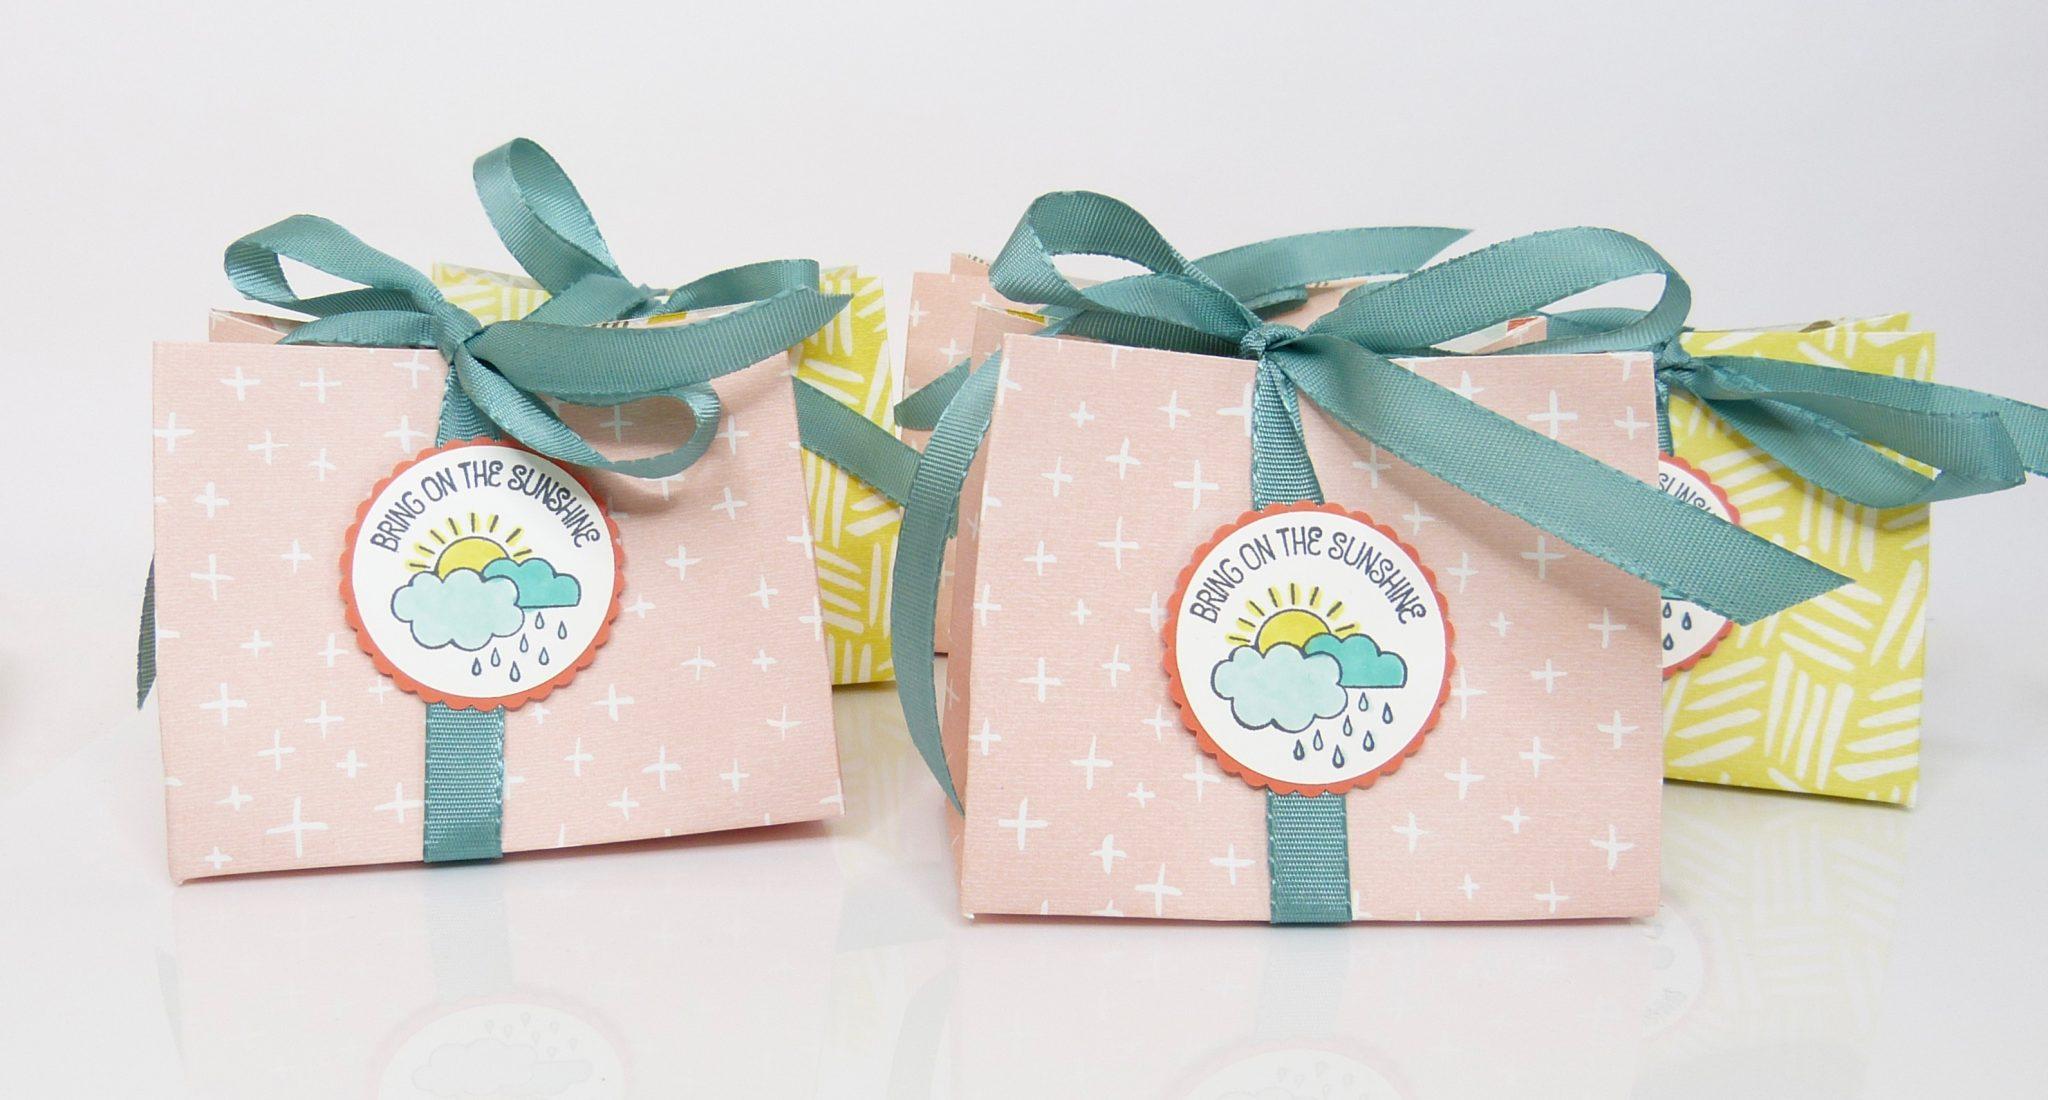 Verpackung mit Punchboard für Geschenktüten